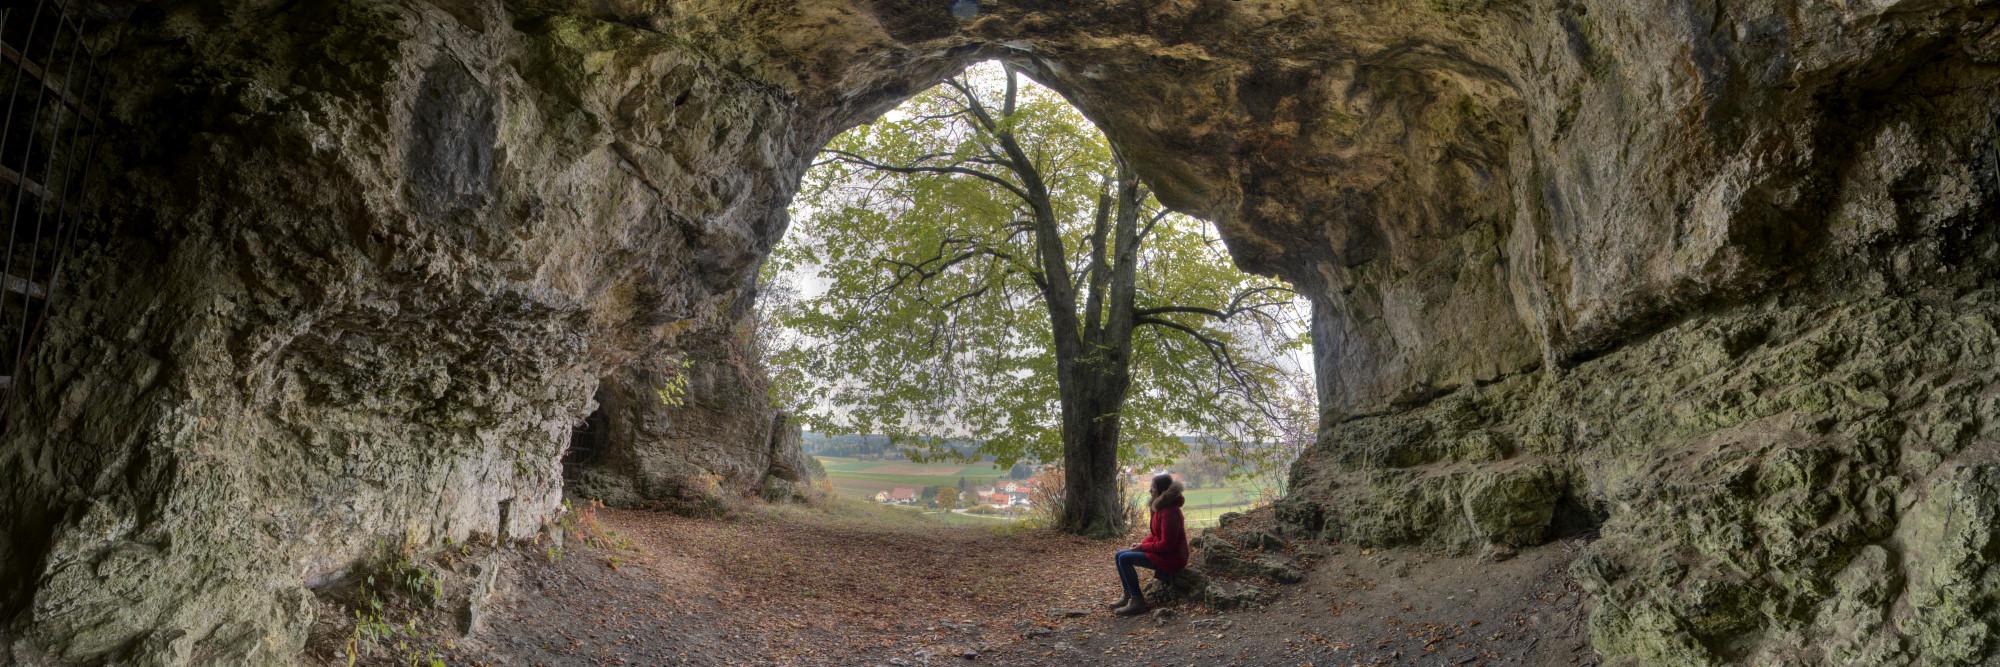 Weinberghöhle bei Mauern (Bayern)